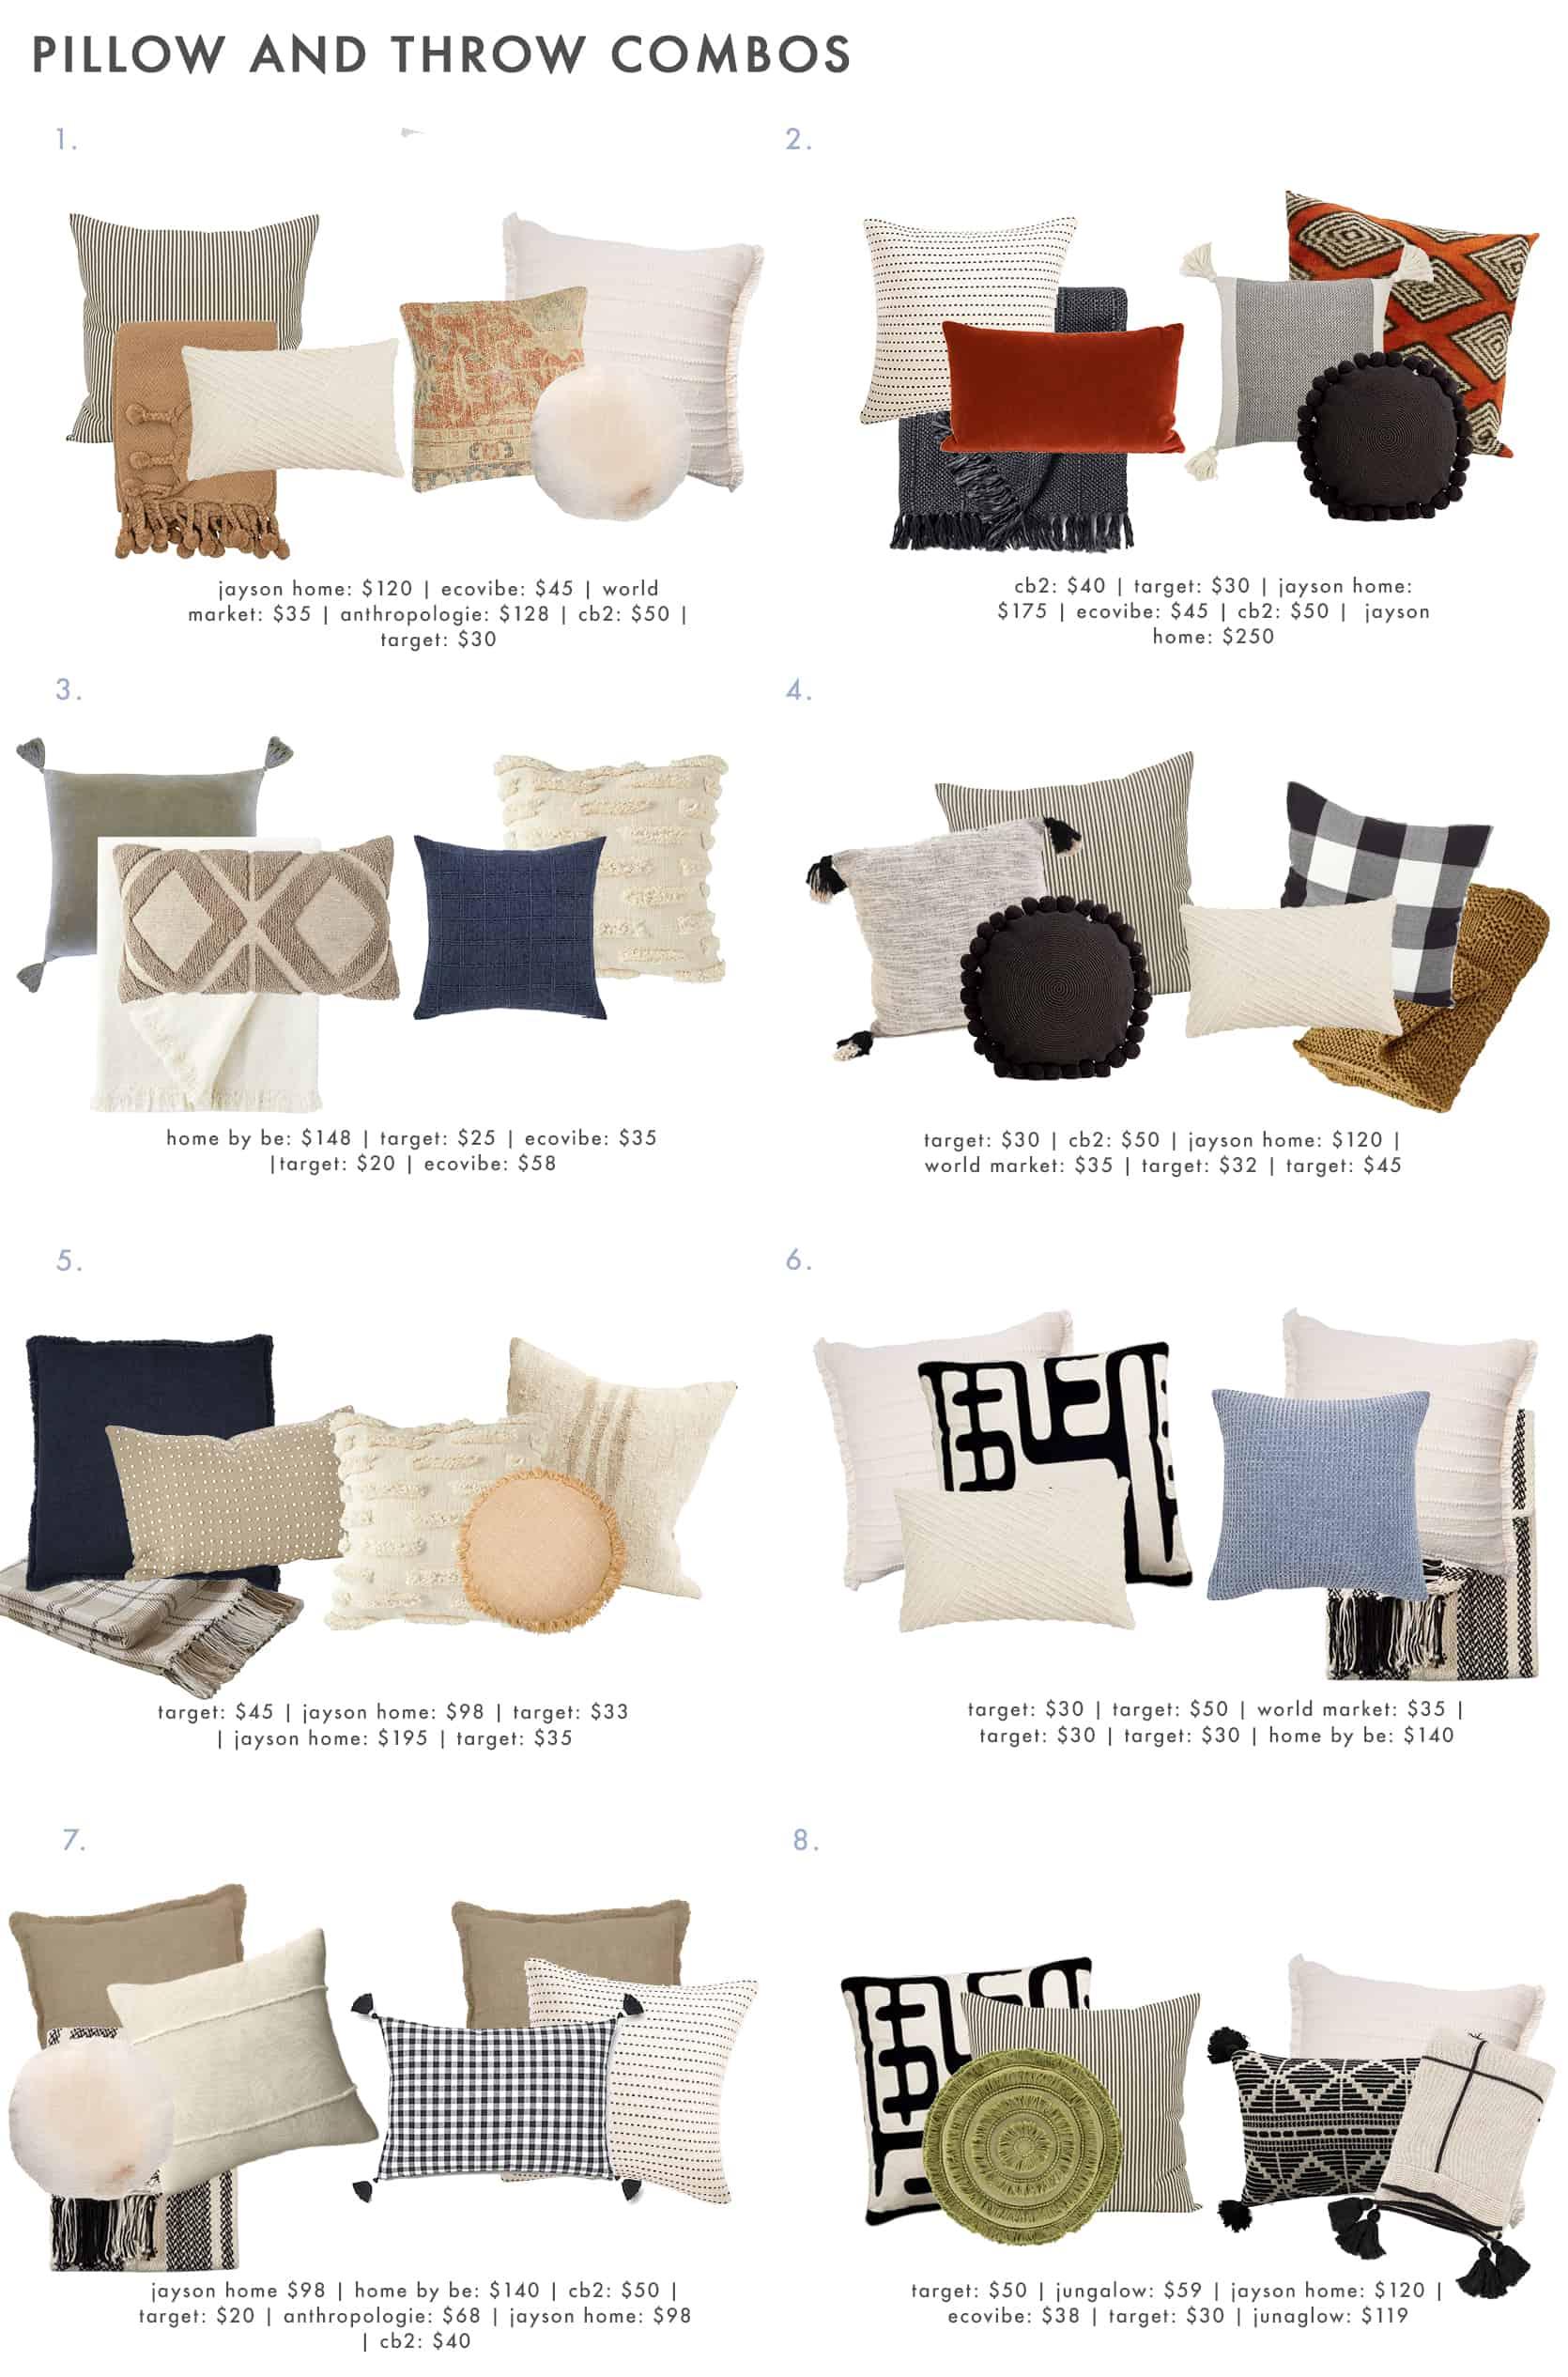 Pillow Throw Combo Roundup